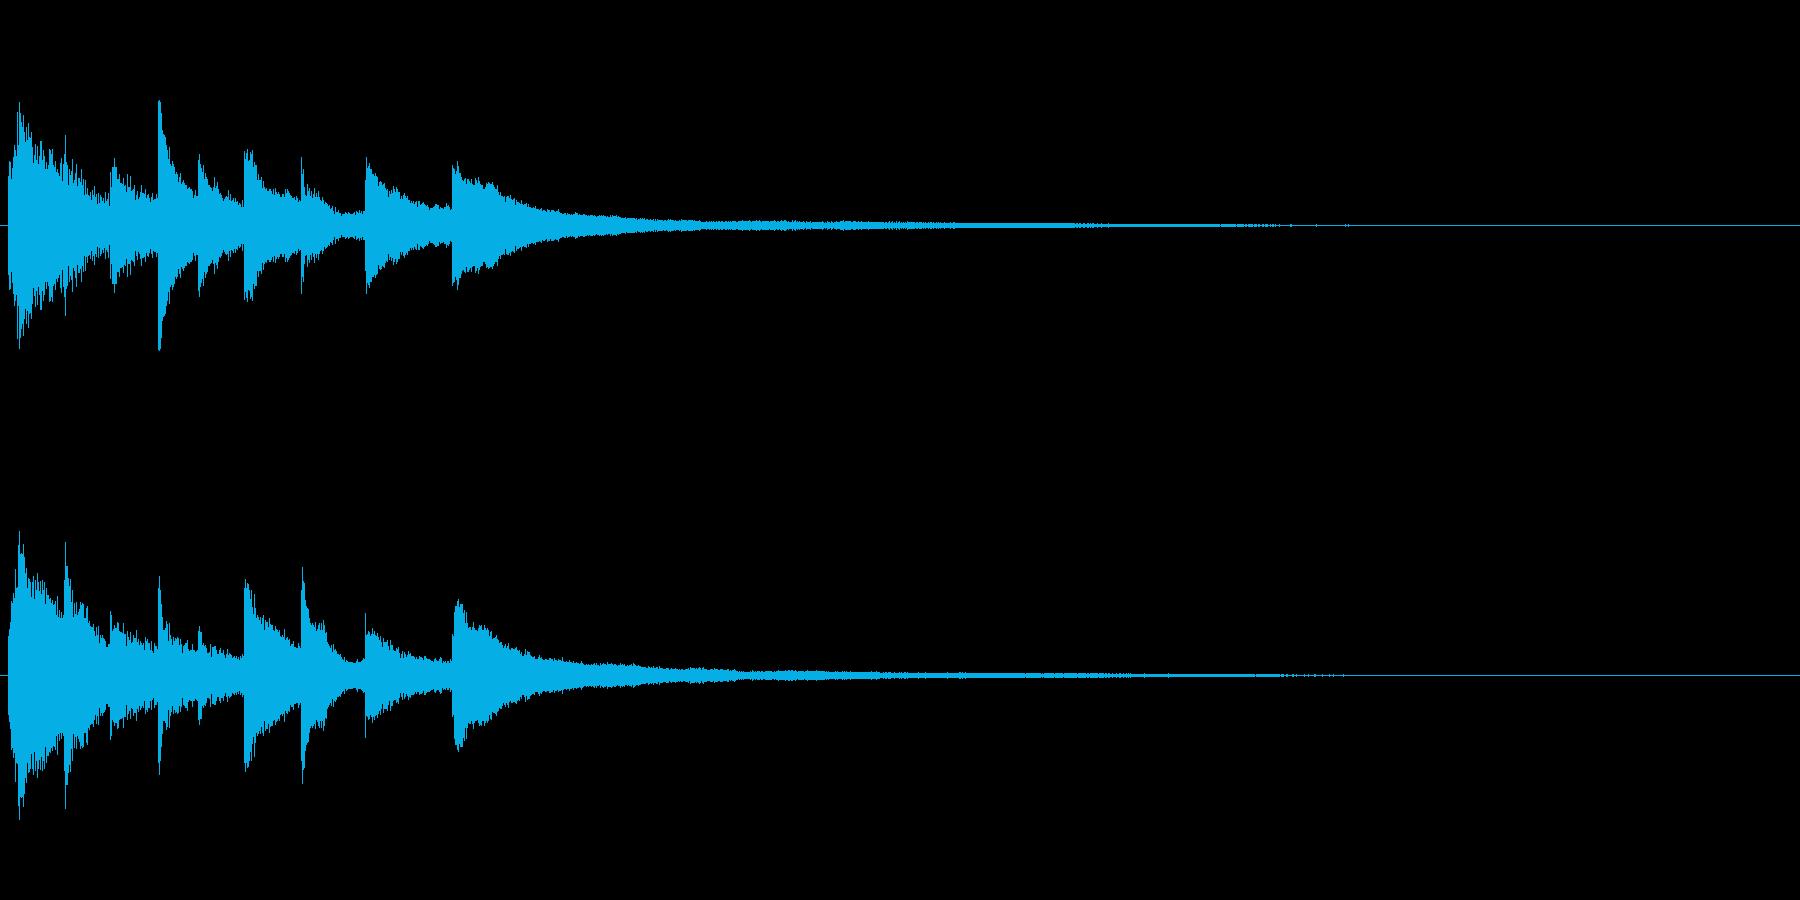 ピアノソロサウンドロゴ 優雅 大人 12の再生済みの波形